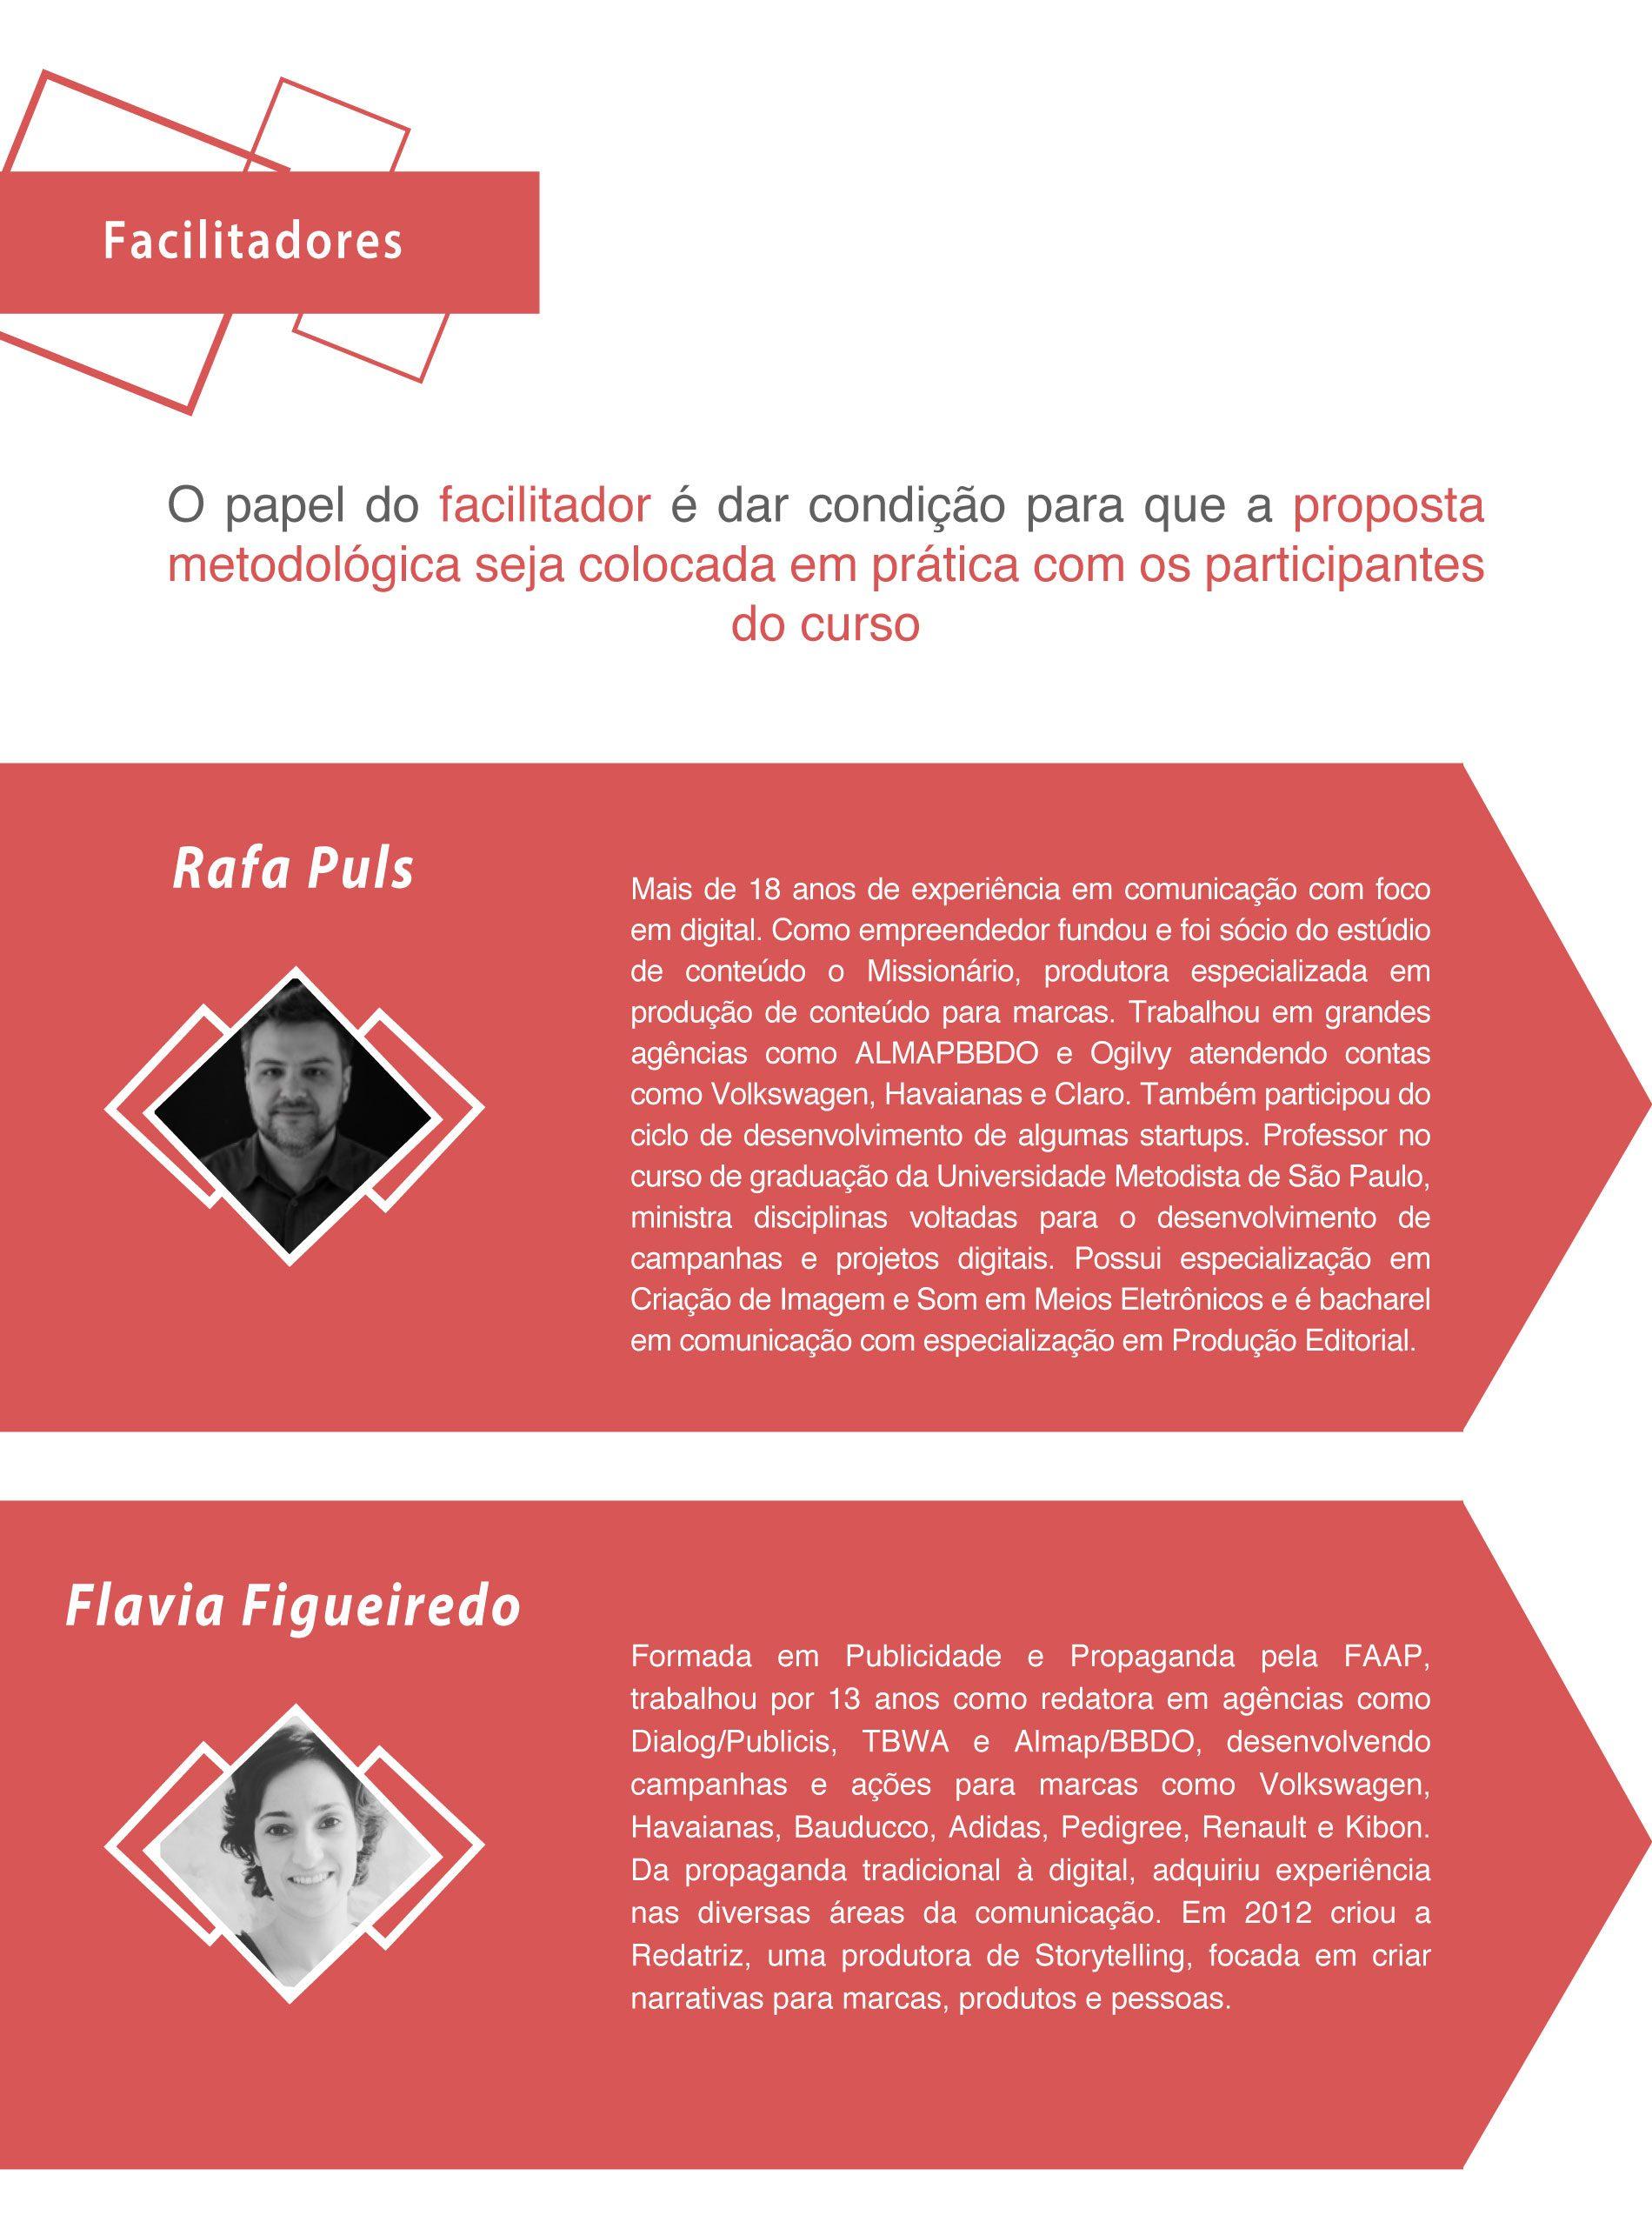 https://www.mestregp.com.br/wp-content/uploads/2018/03/Pagina-CdE-Gestão-de-Conteúdo-Facilitadores-1900x2555.jpg